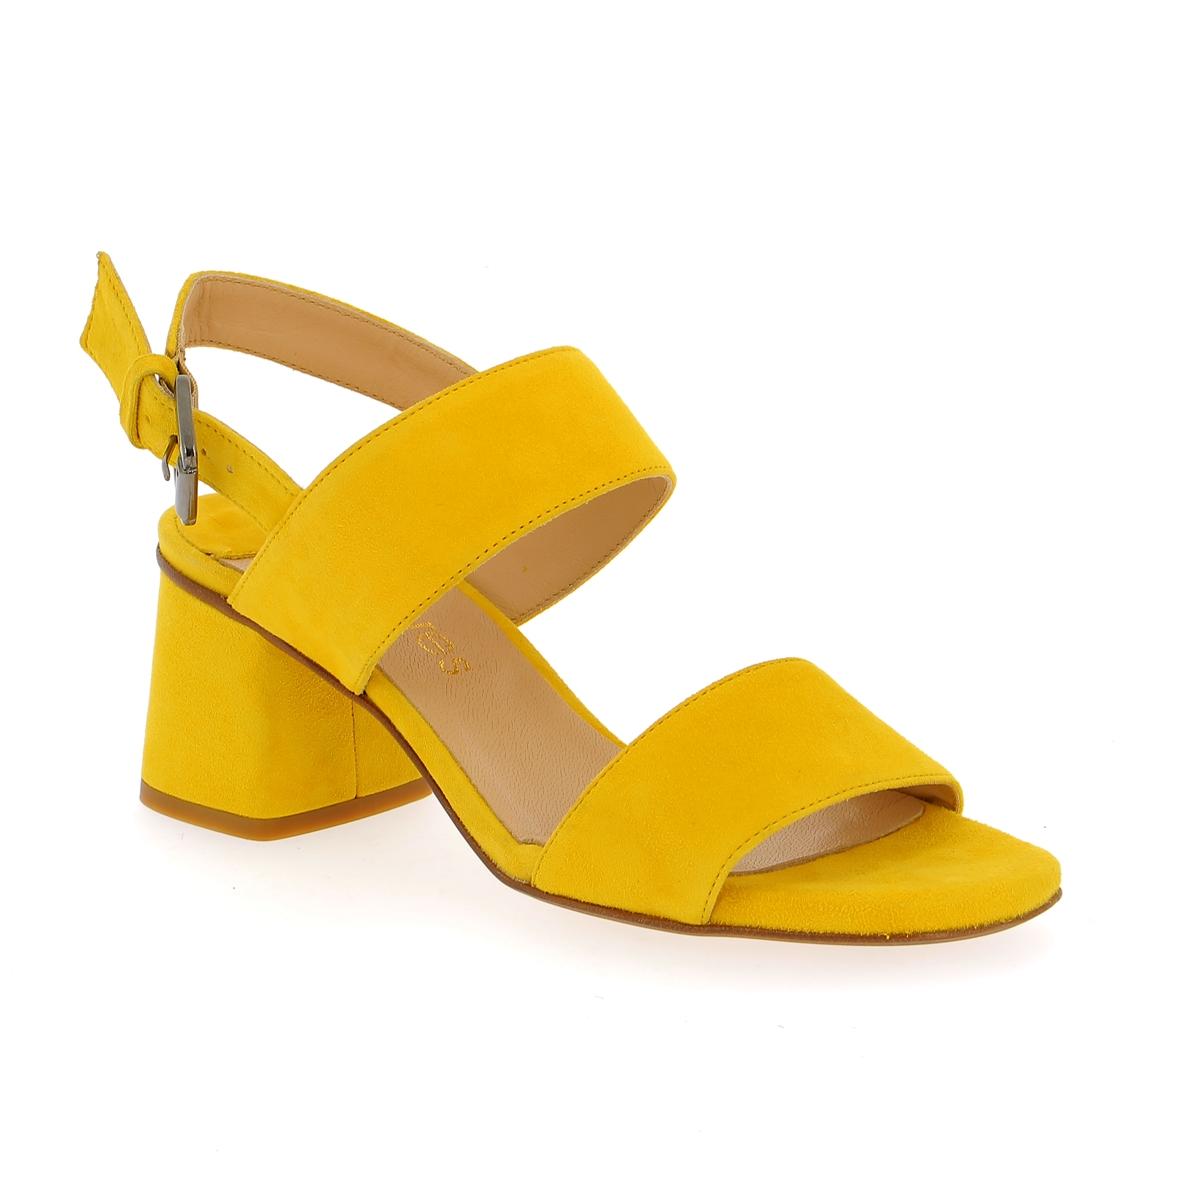 Lamica Sandales jaune